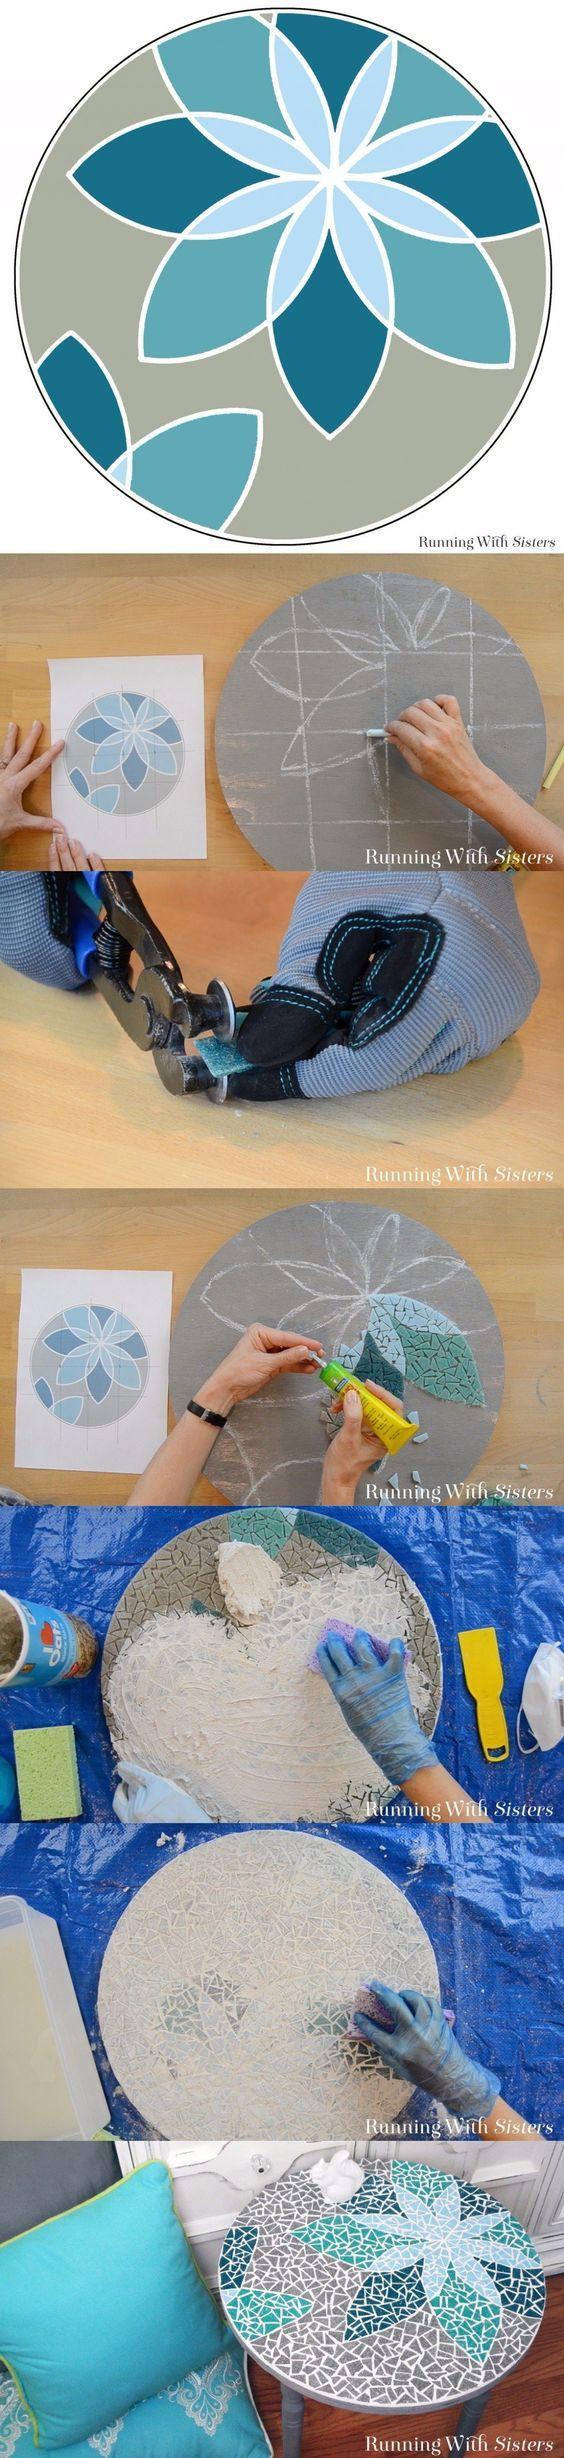 Mesa con mosaicos -runningwithsisters.com - DIY Mosaic Table